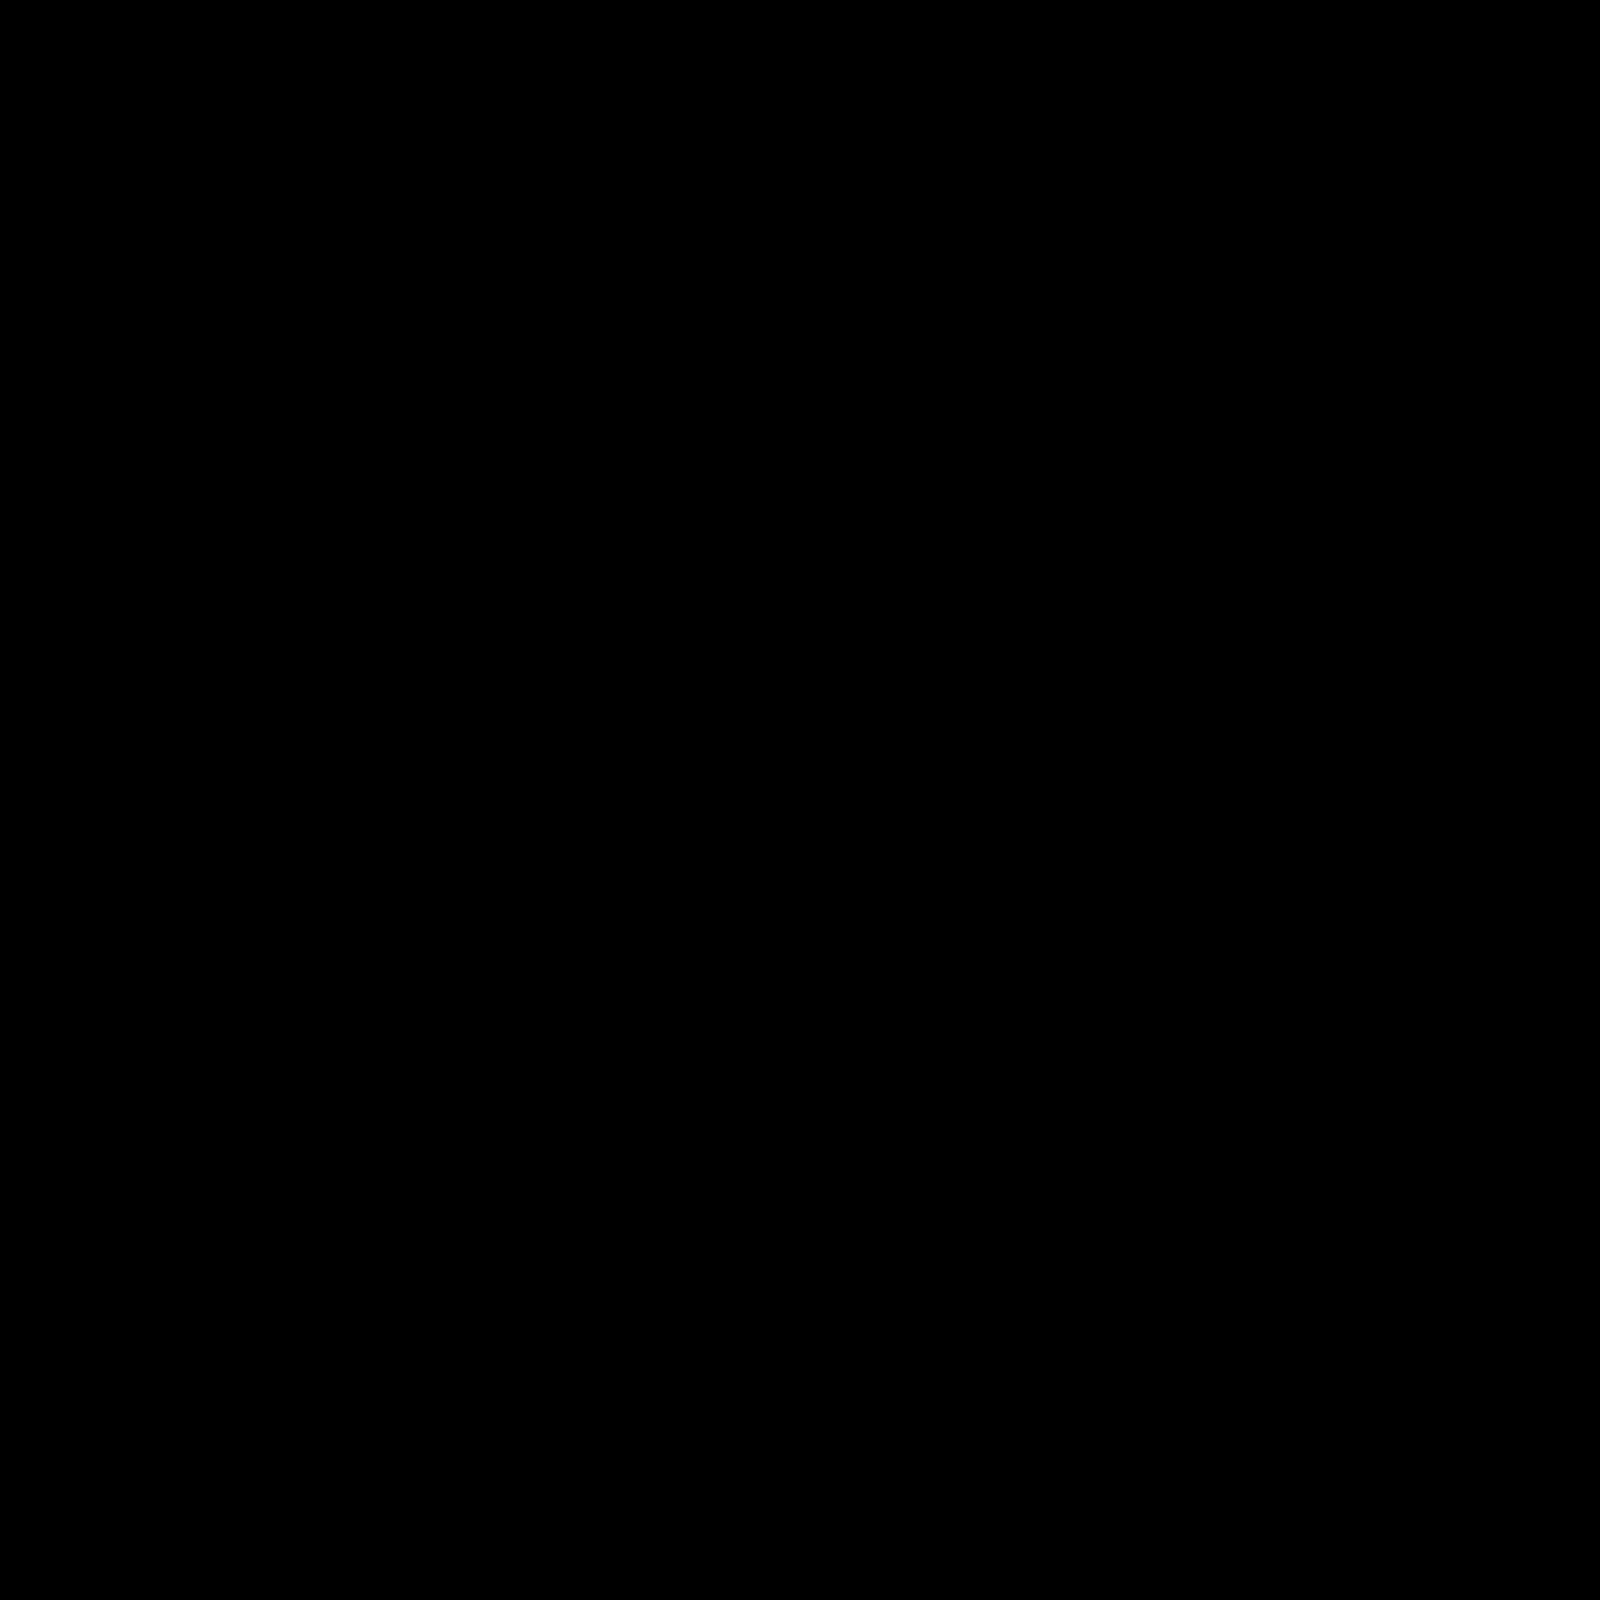 Katakana Fu icon